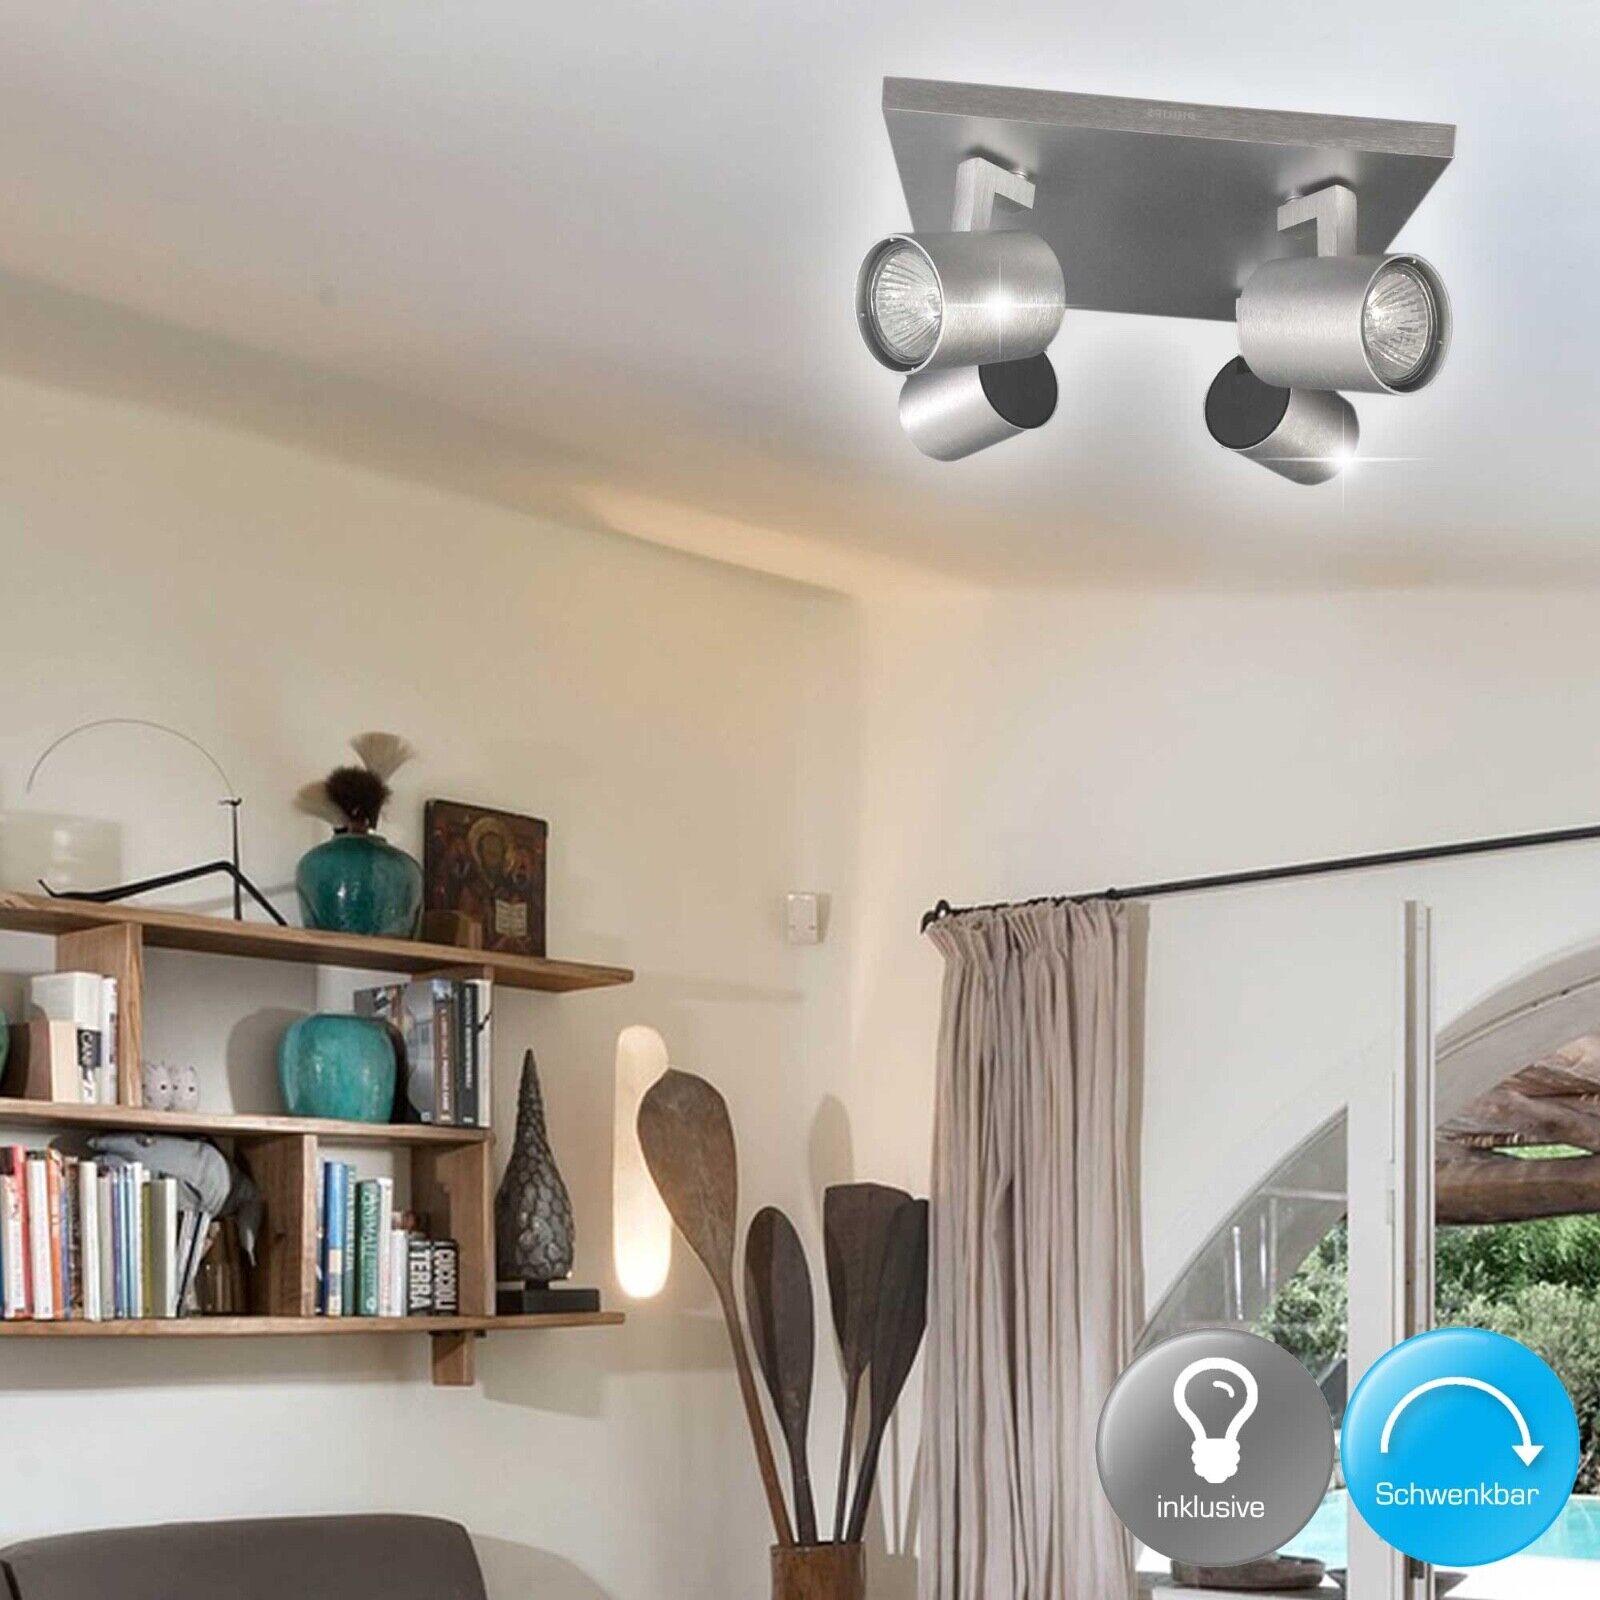 Philips Hiro 4 530944816 GU10 Lampe Aluminium Flg Spot ...